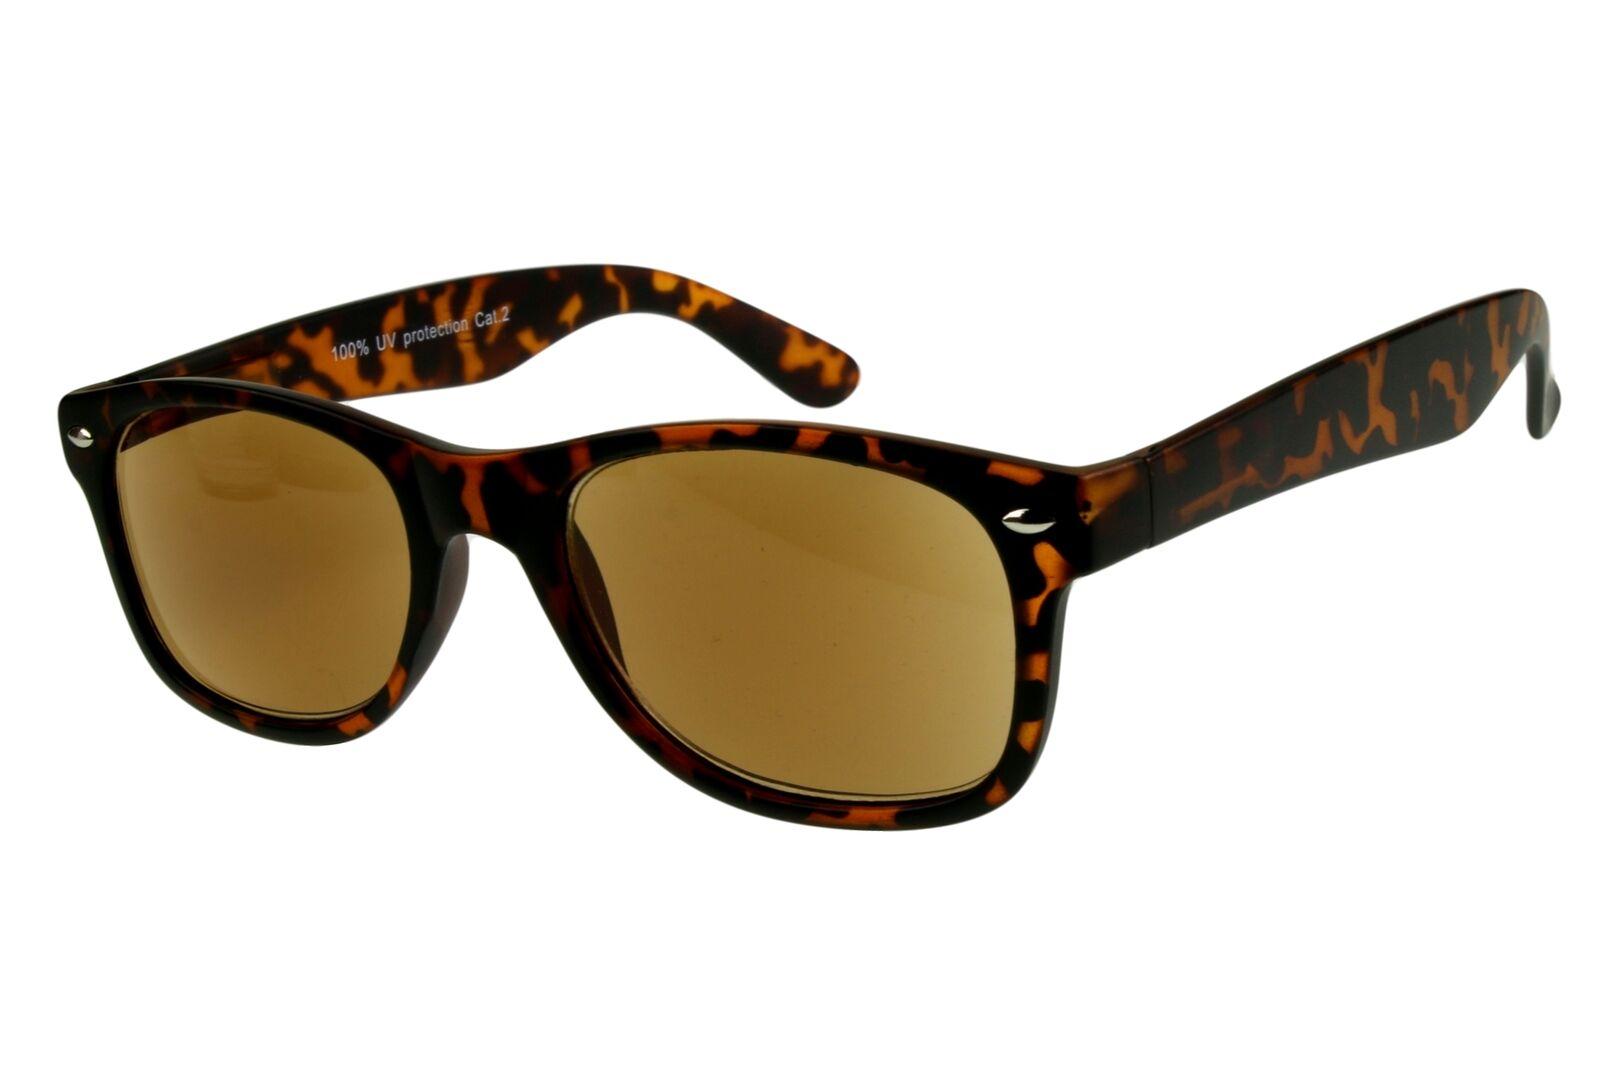 Lesesonnenbrillen alle Dioptrien für Damen Herren hellbraun dunkelbraun schwarz